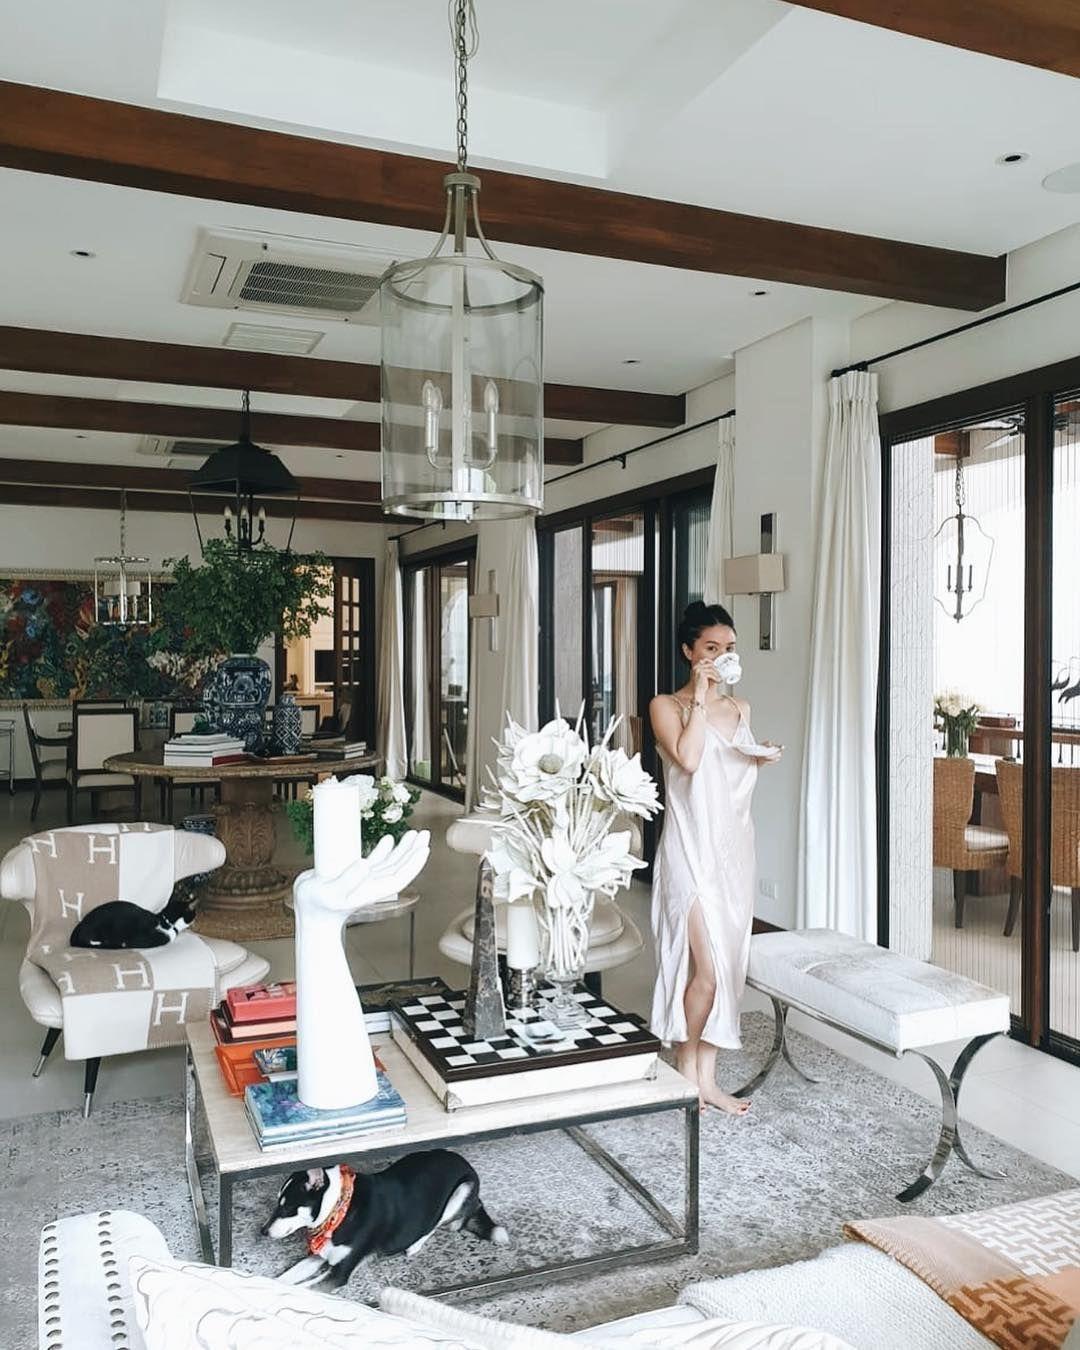 Hus i Manila, Philippines